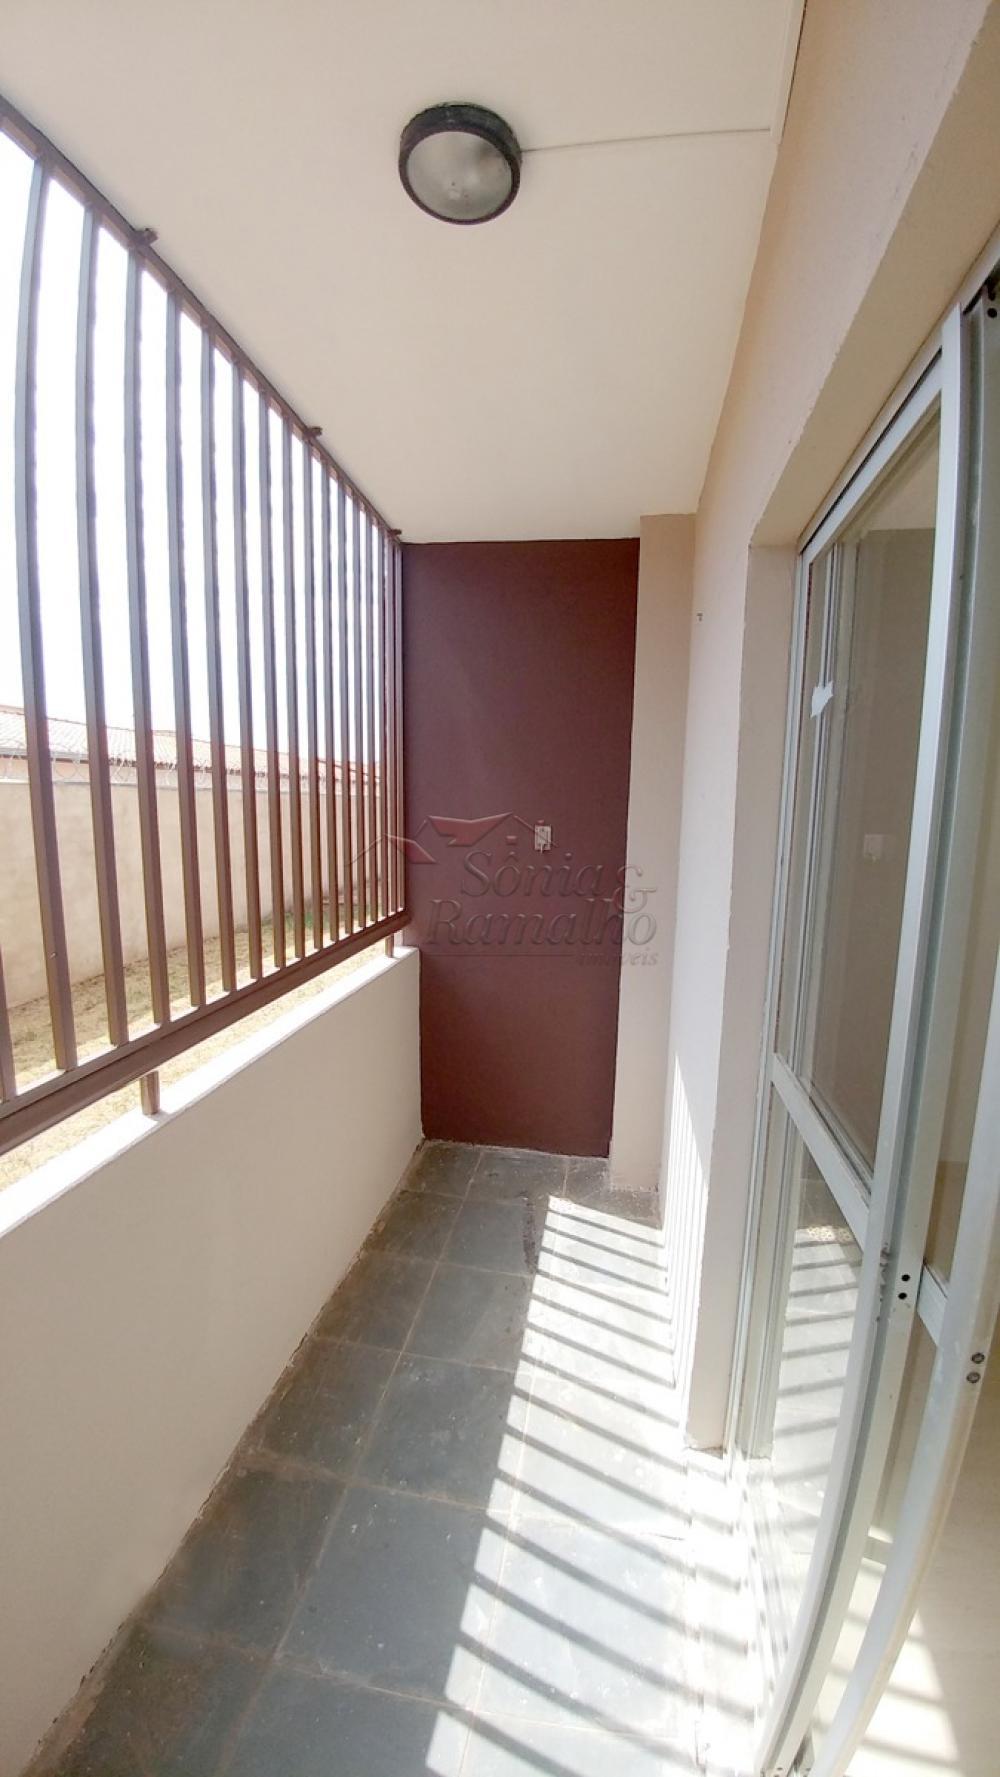 Comprar Apartamentos / Padrão em Ribeirão Preto apenas R$ 133.900,00 - Foto 5